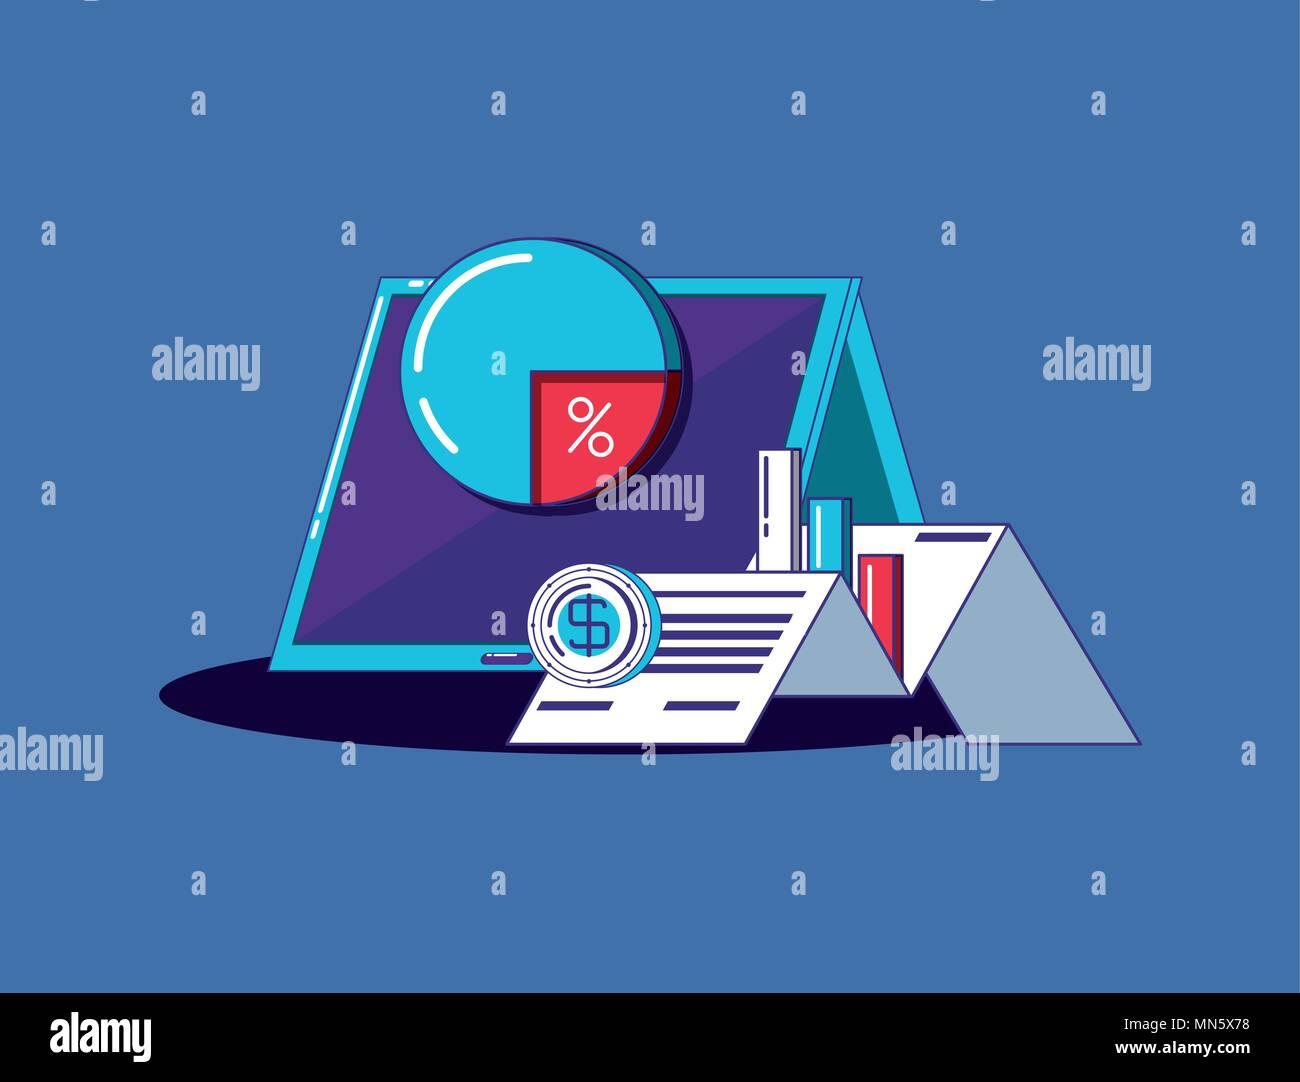 Tablet mit finanziellen Verwandte Symbole über blauen Hintergrund, farbenfrohen Design. Vector Illustration Stockbild